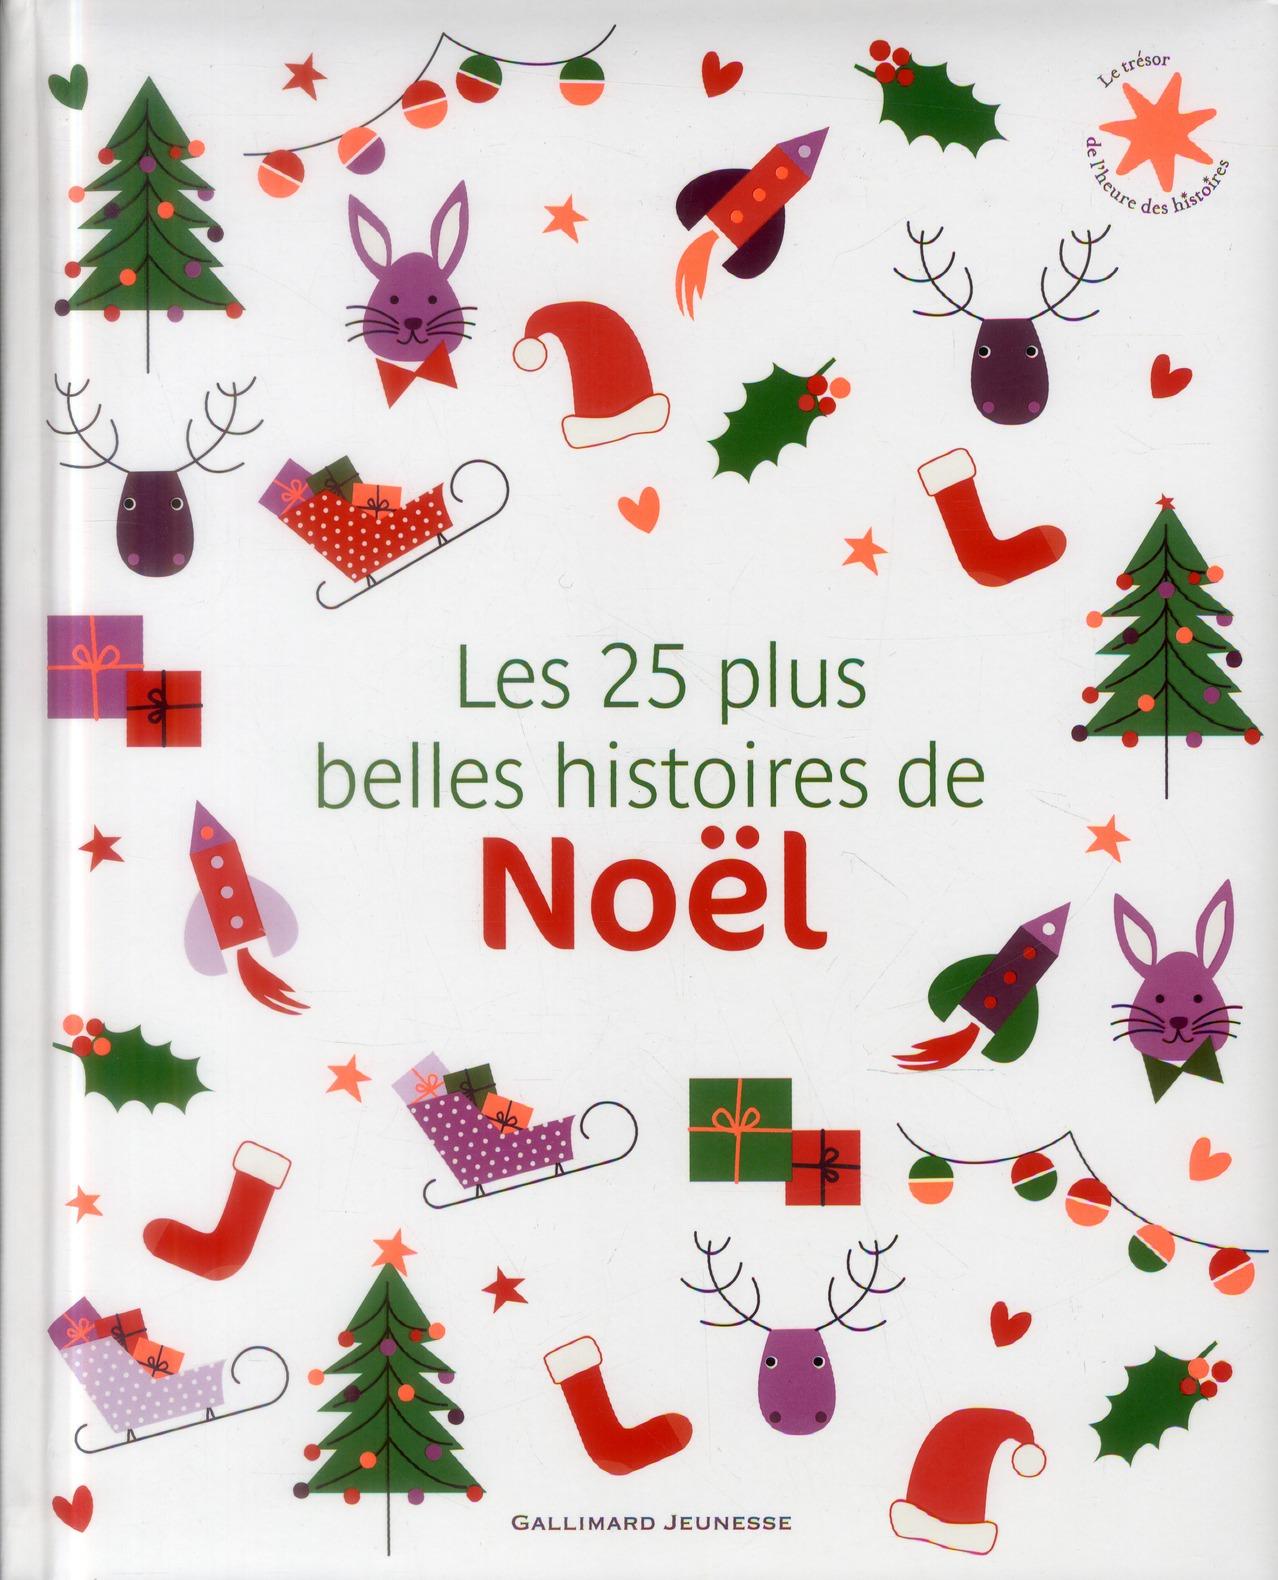 LES 25 PLUS BELLES HISTOIRES DE NOEL